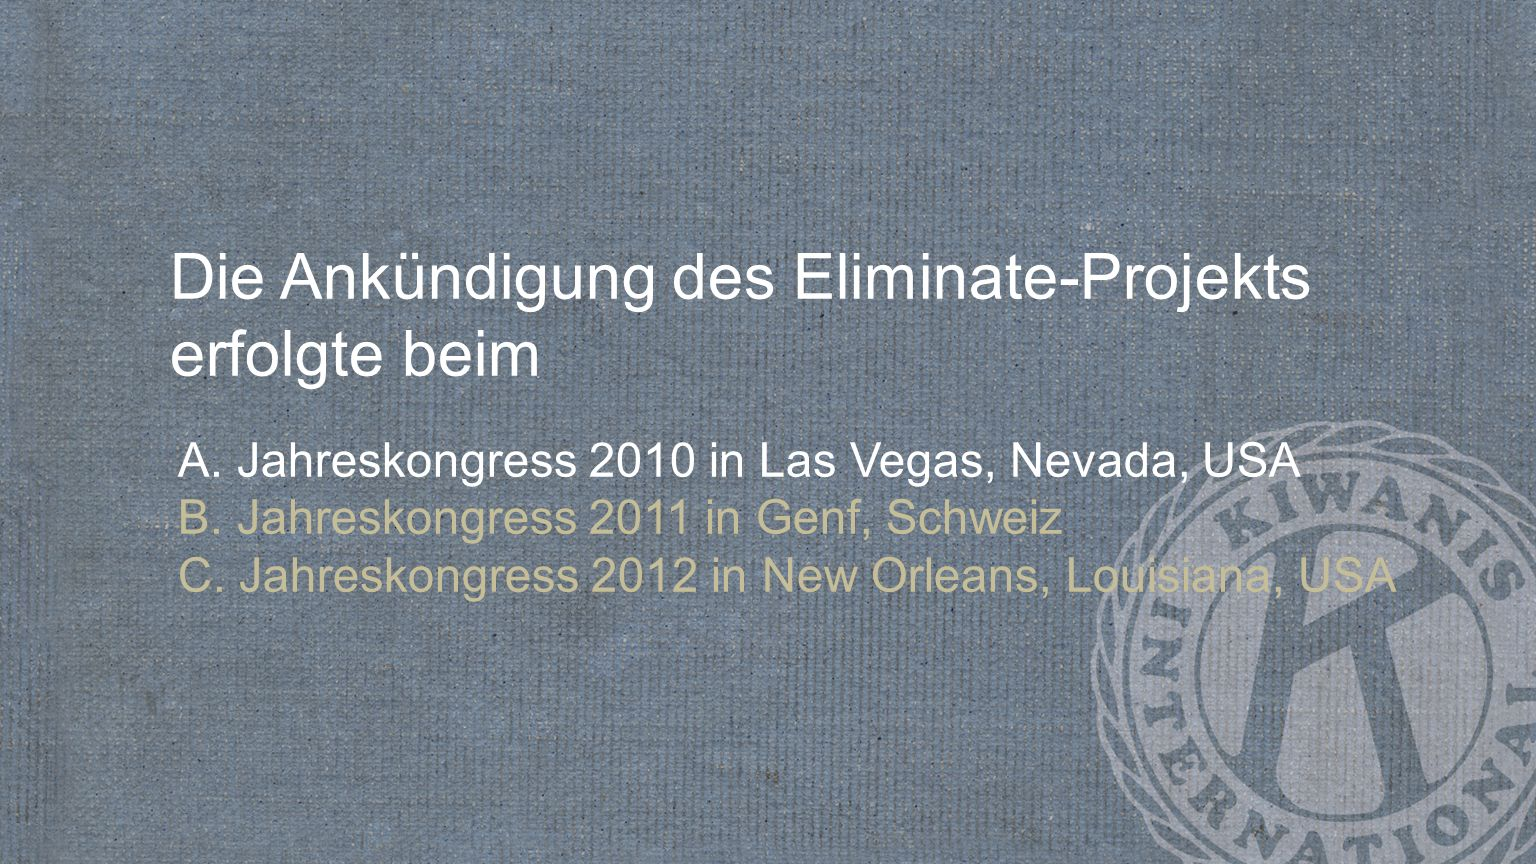 Die Ankündigung des Eliminate-Projekts erfolgte beim